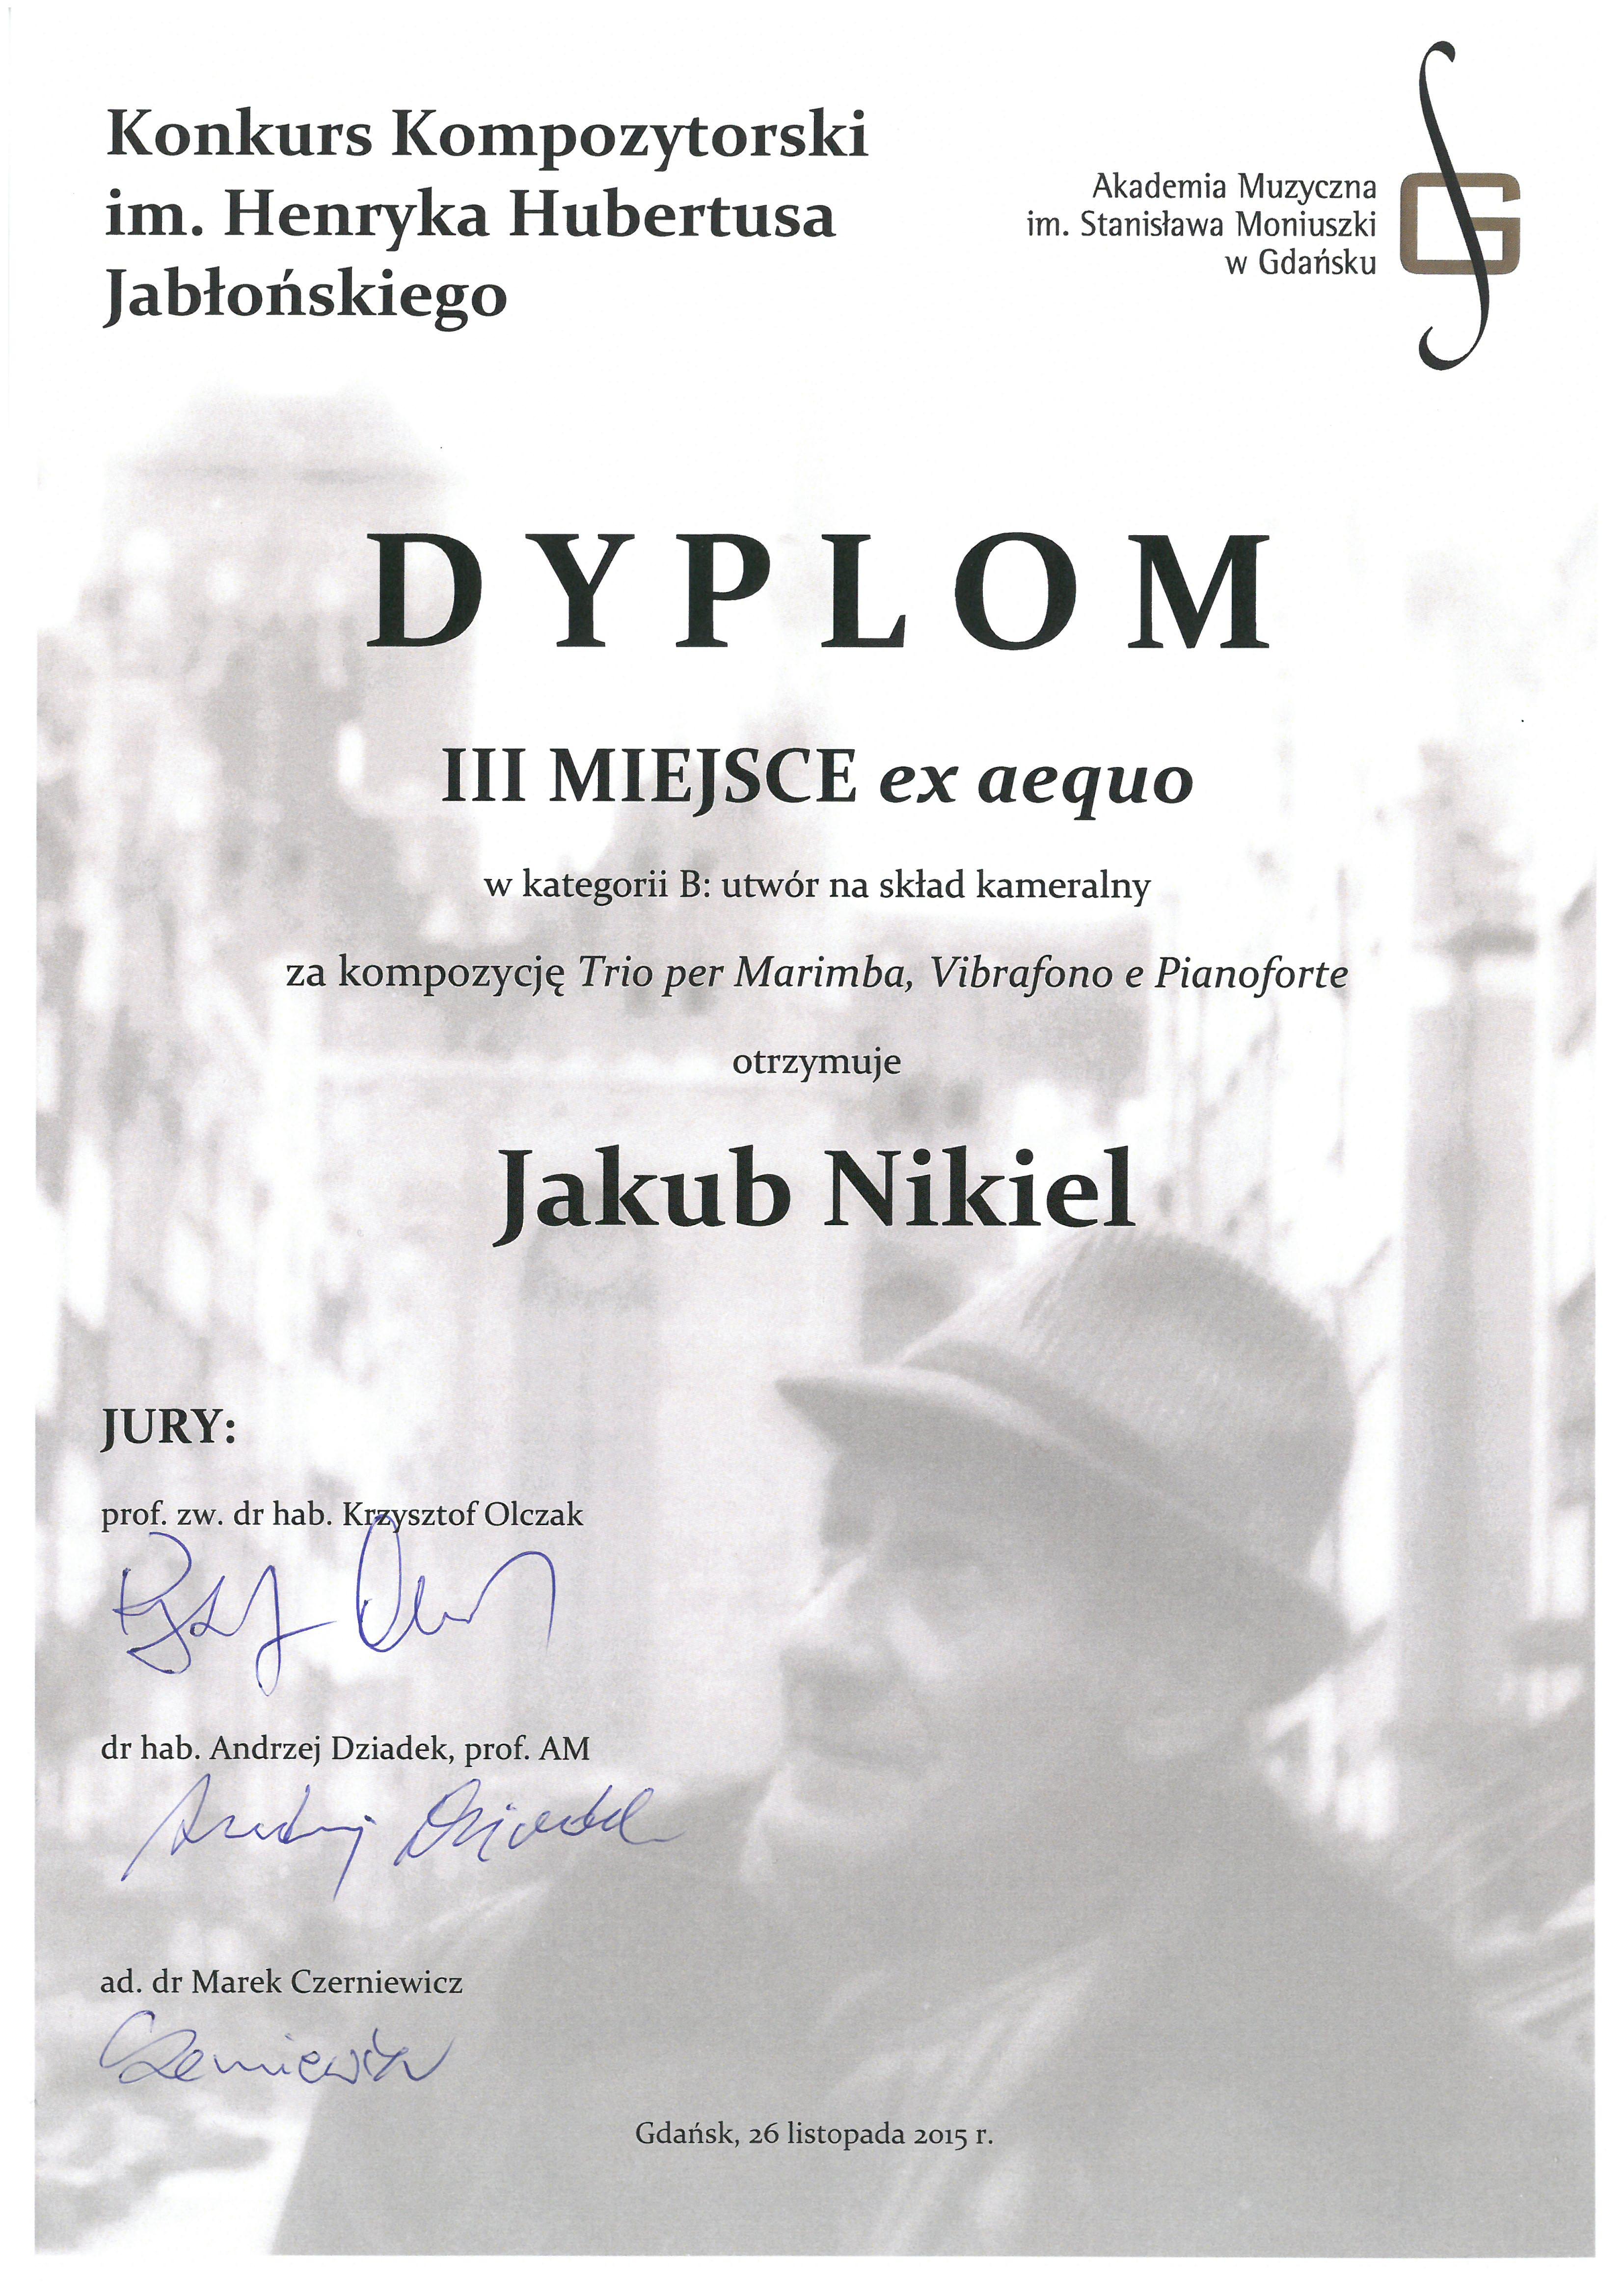 Nikiel_Jakub_dyplom_KK_HHJ